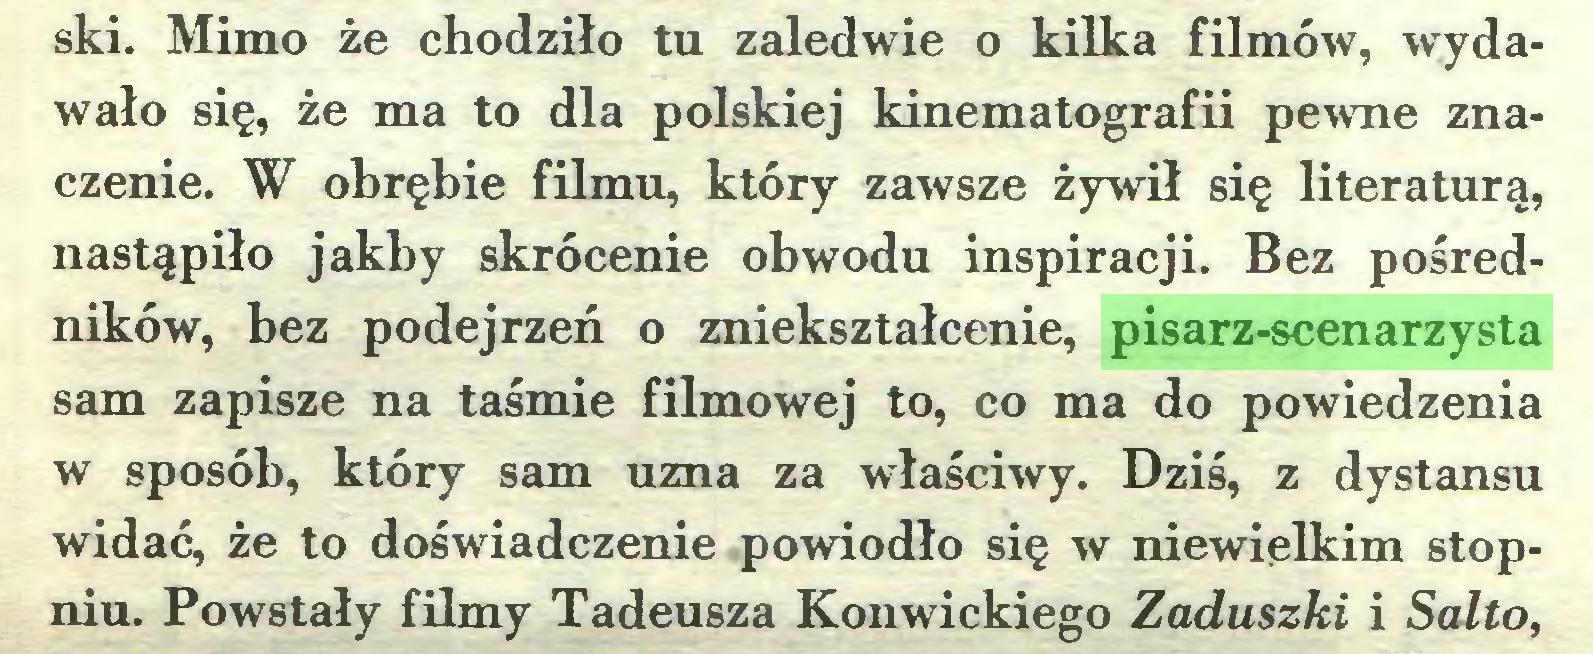 (...) ski. Mimo że chodziło tu zaledwie o kilka filmów, wydawało się, że ma to dla polskiej kinematografii pewne znaczenie. W obrębie filmu, który zawsze żywił się literaturą, nastąpiło jakby skrócenie obwodu inspiracji. Bez pośredników, bez podejrzeń o zniekształcenie, pisarz-scenarzysta sam zapisze na taśmie filmowej to, co ma do powiedzenia w sposób, który sam uzna za właściwy. Dziś, z dystansu widać, że to doświadczenie powiodło się w niewielkim stopniu. Powstały filmy Tadeusza Konwickiego Zaduszki i Salto,...